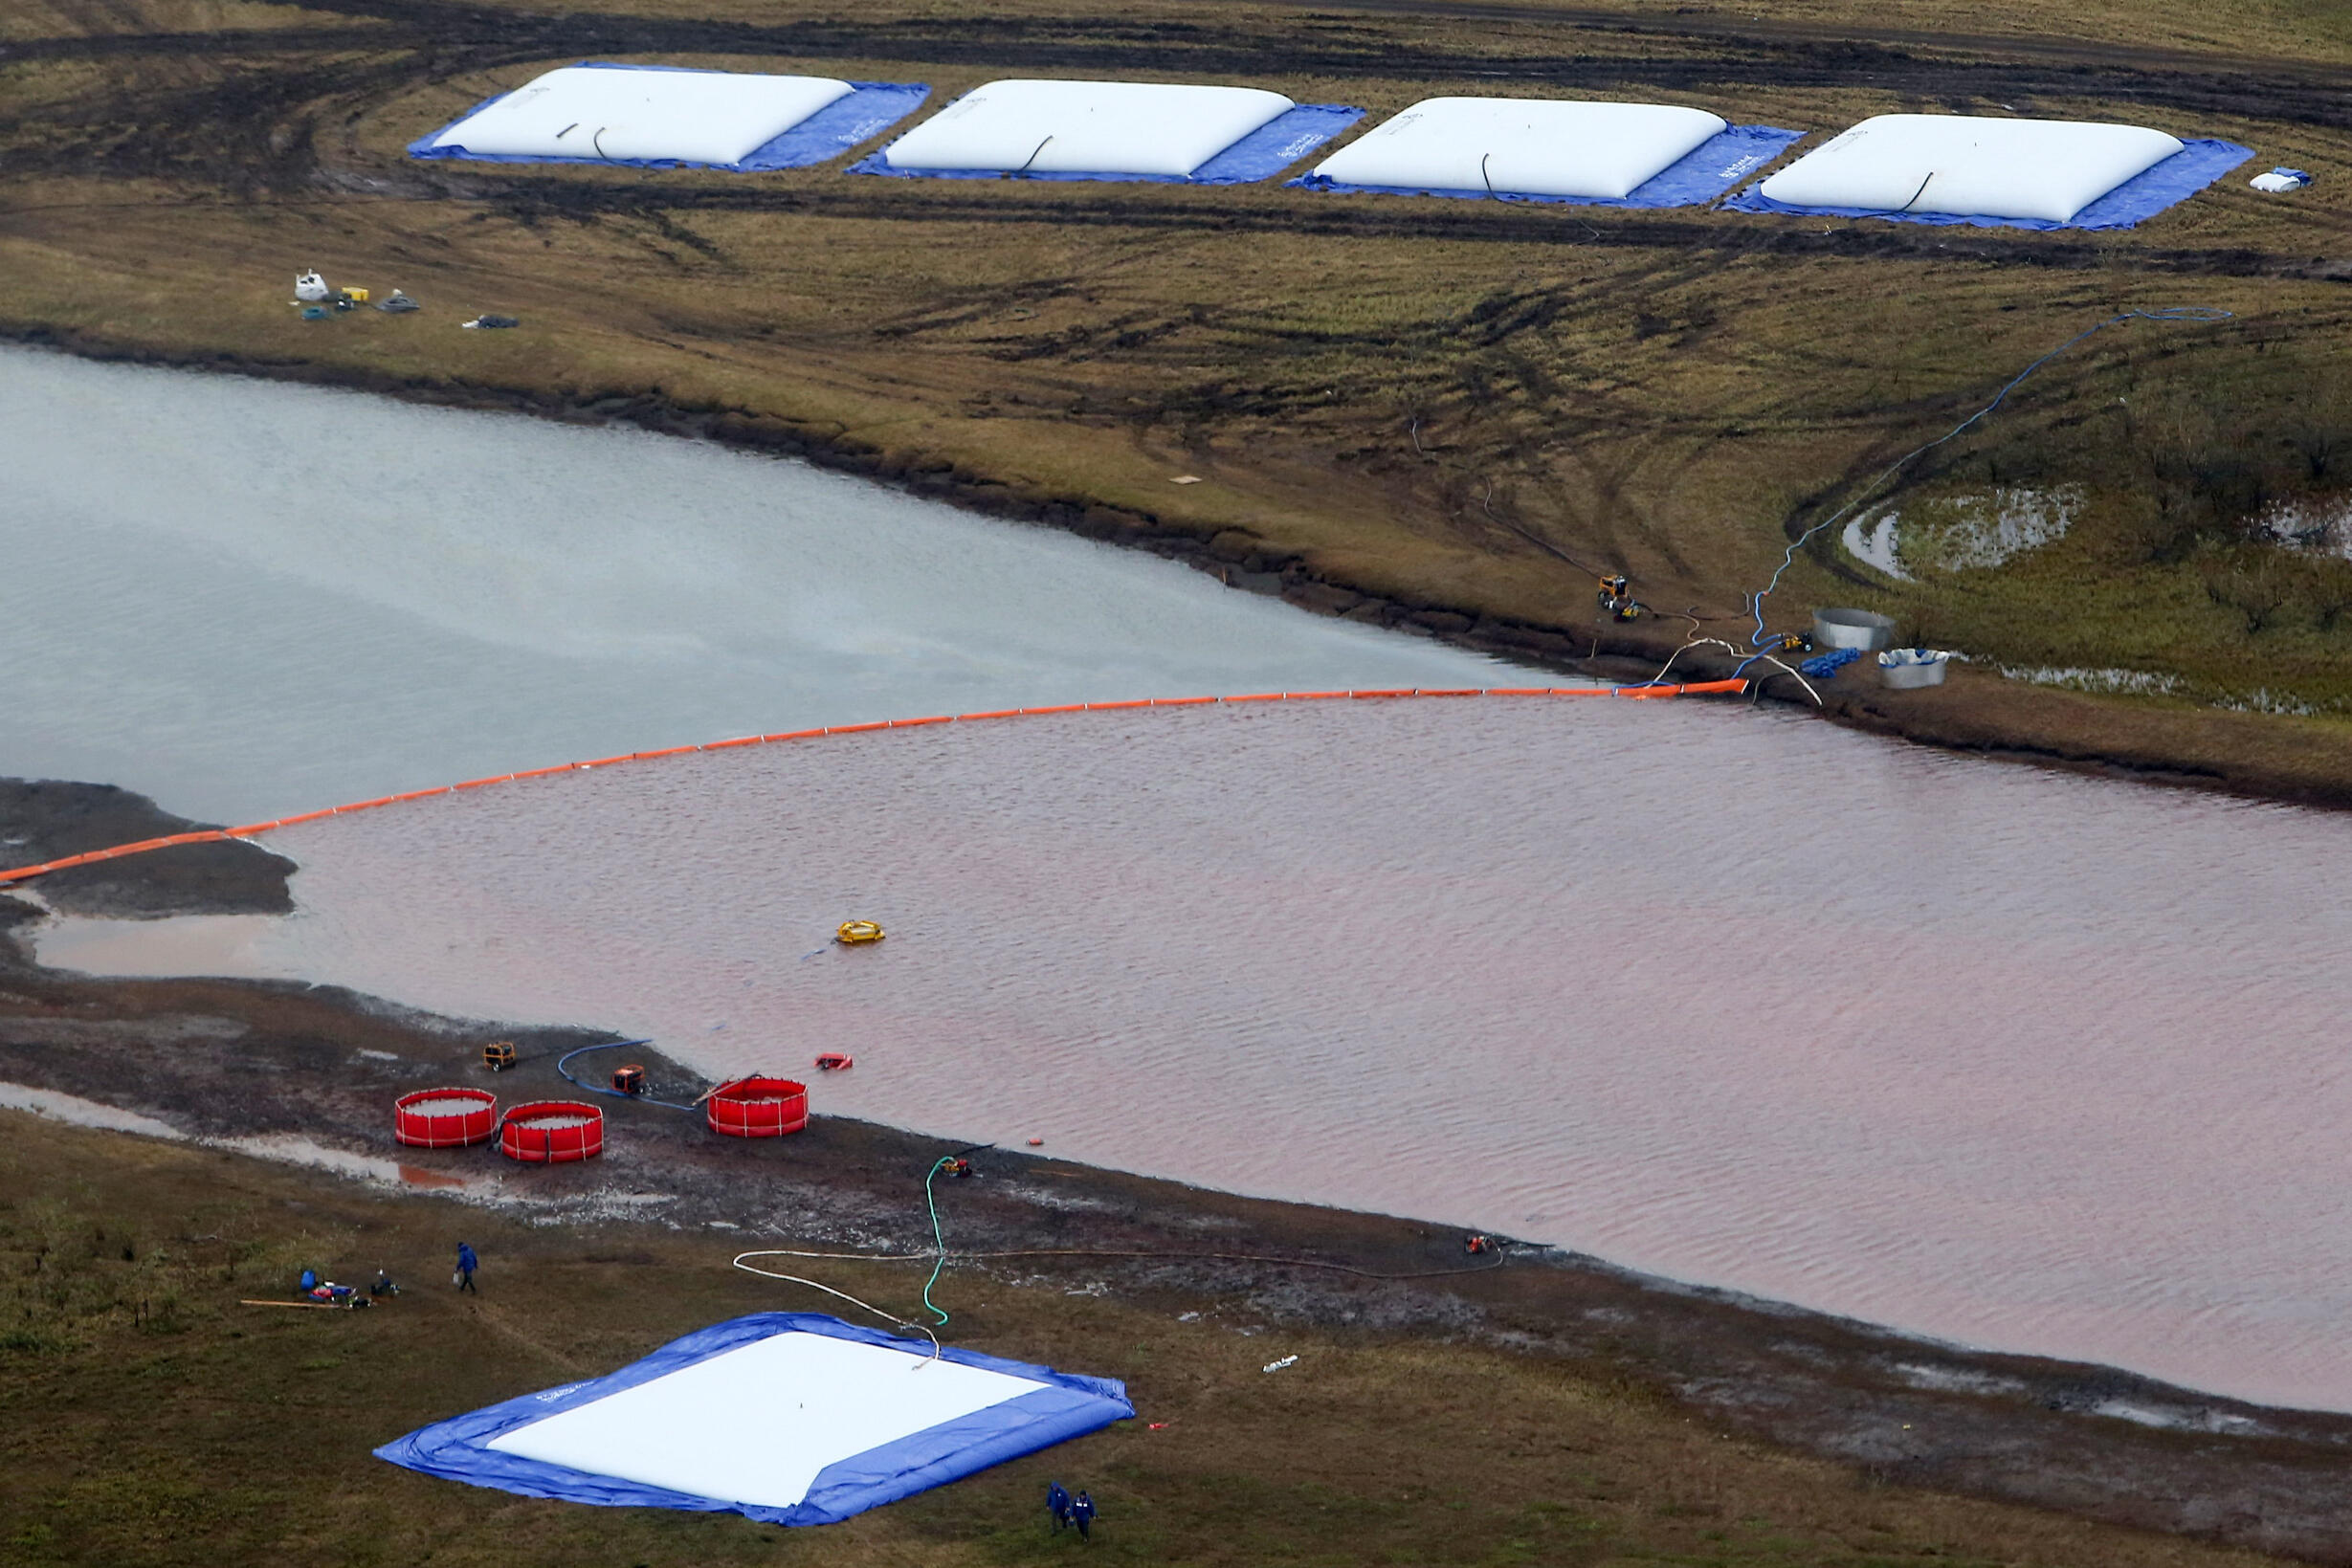 Una barrera flotante para limitar la contaminación con hidrocarburos del río Ambarnaya, en una imagen aérea tomada el 10 de junio de 2020 cerca de Norilsk, en el Ártico ruso.